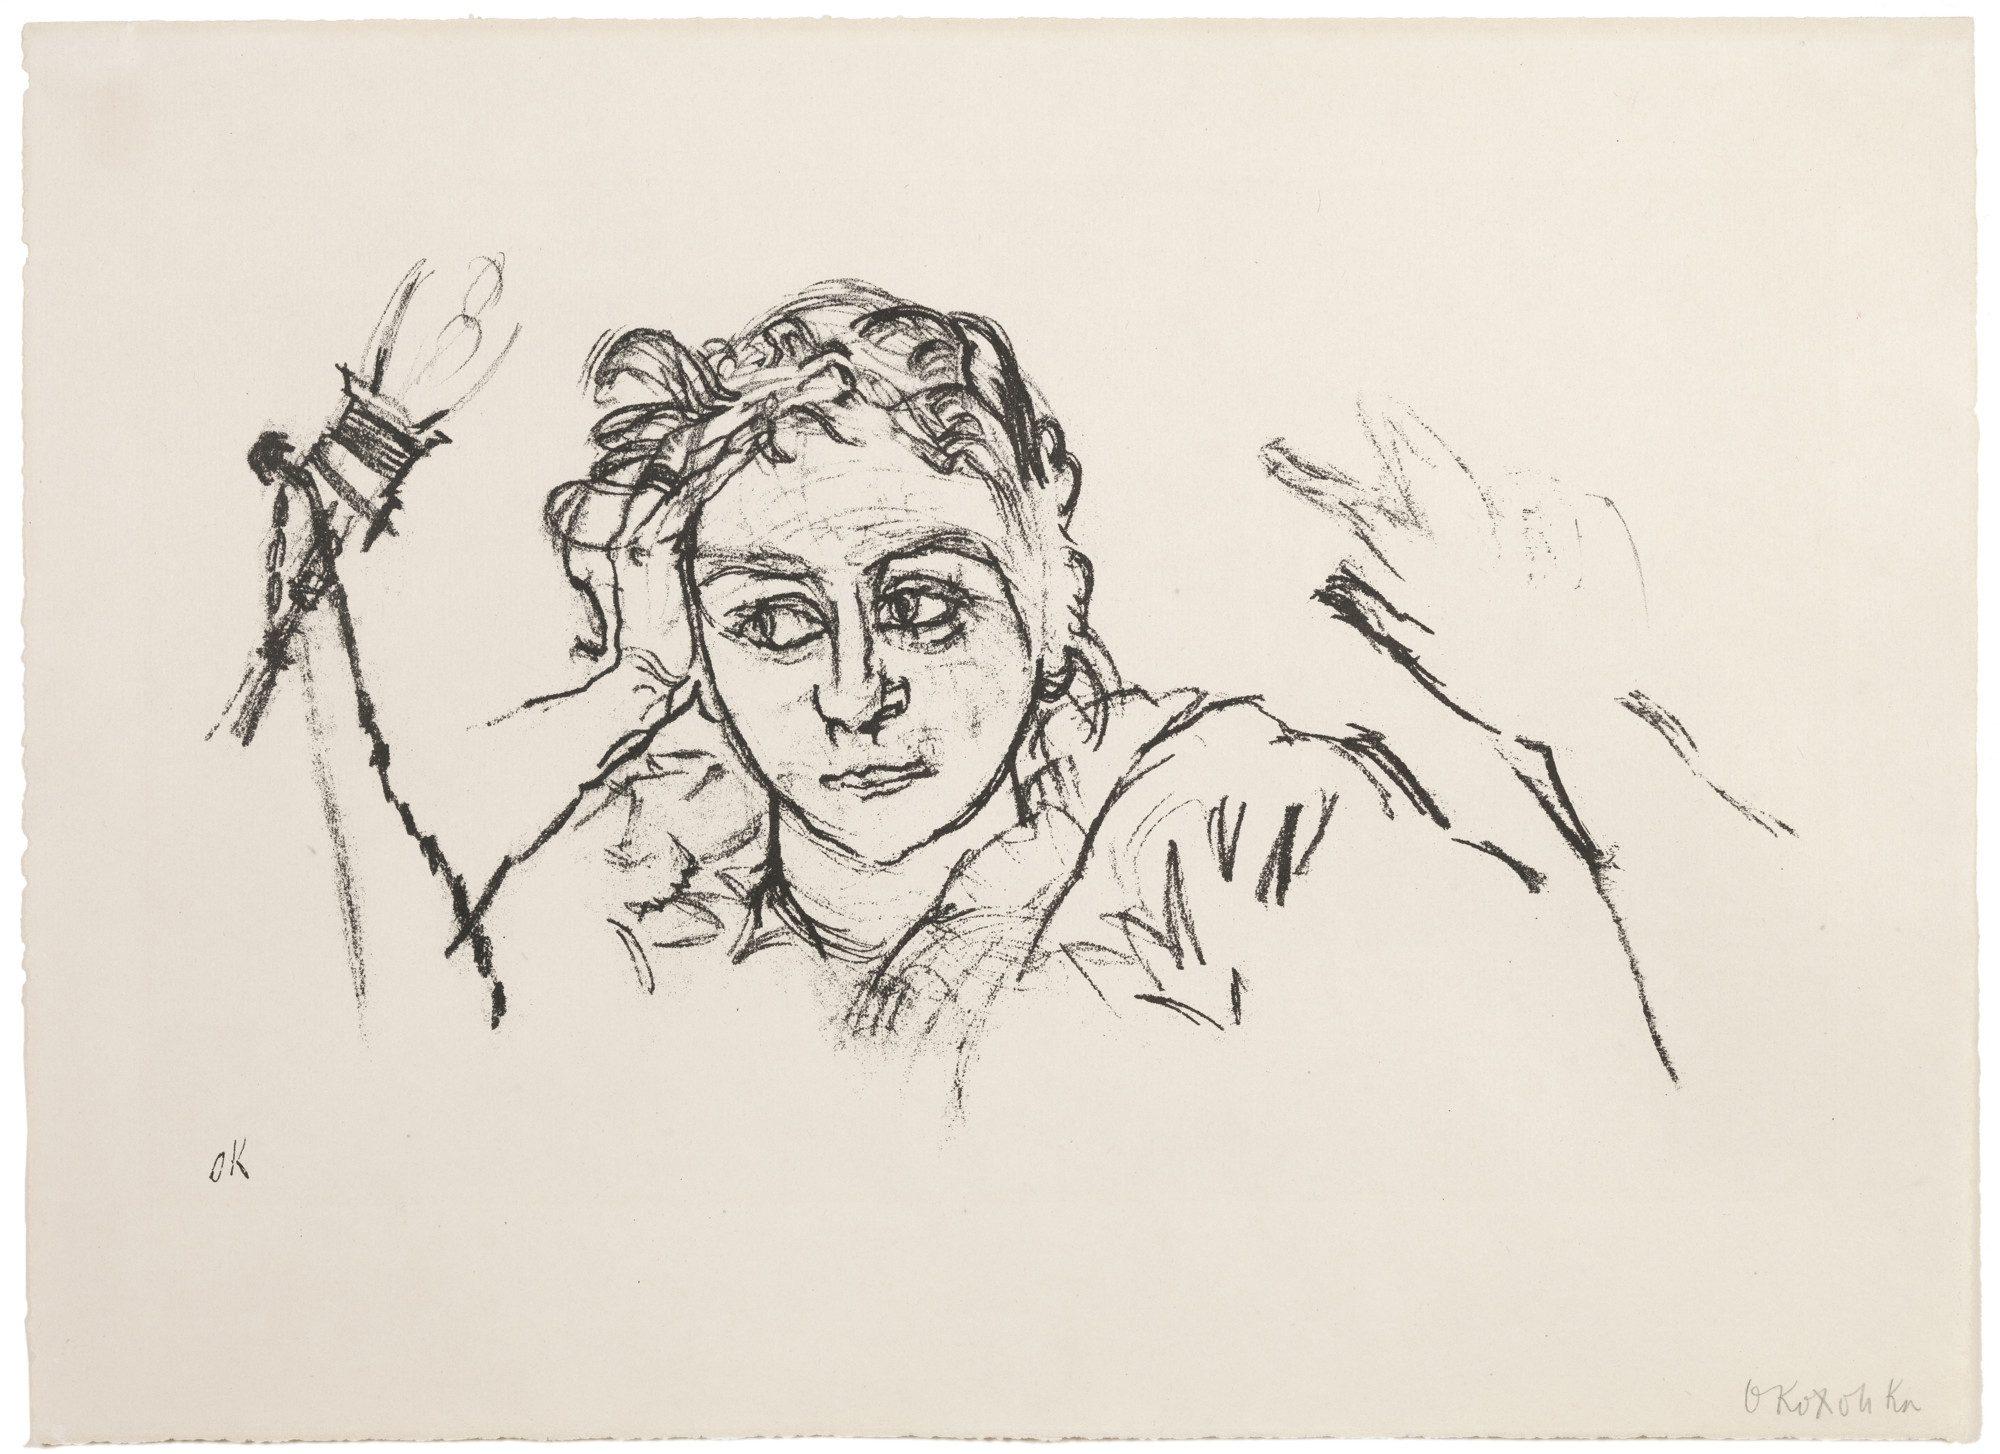 Oskar Kokoschka (Austrian, 1886–1980) Das Reine Gesicht (The Clear Face), 1913. Lithograph, 14 x 20 in. Gift of Madeleine P. and Harvey R. Plonsker, Class of 1961, M.2015.25.5